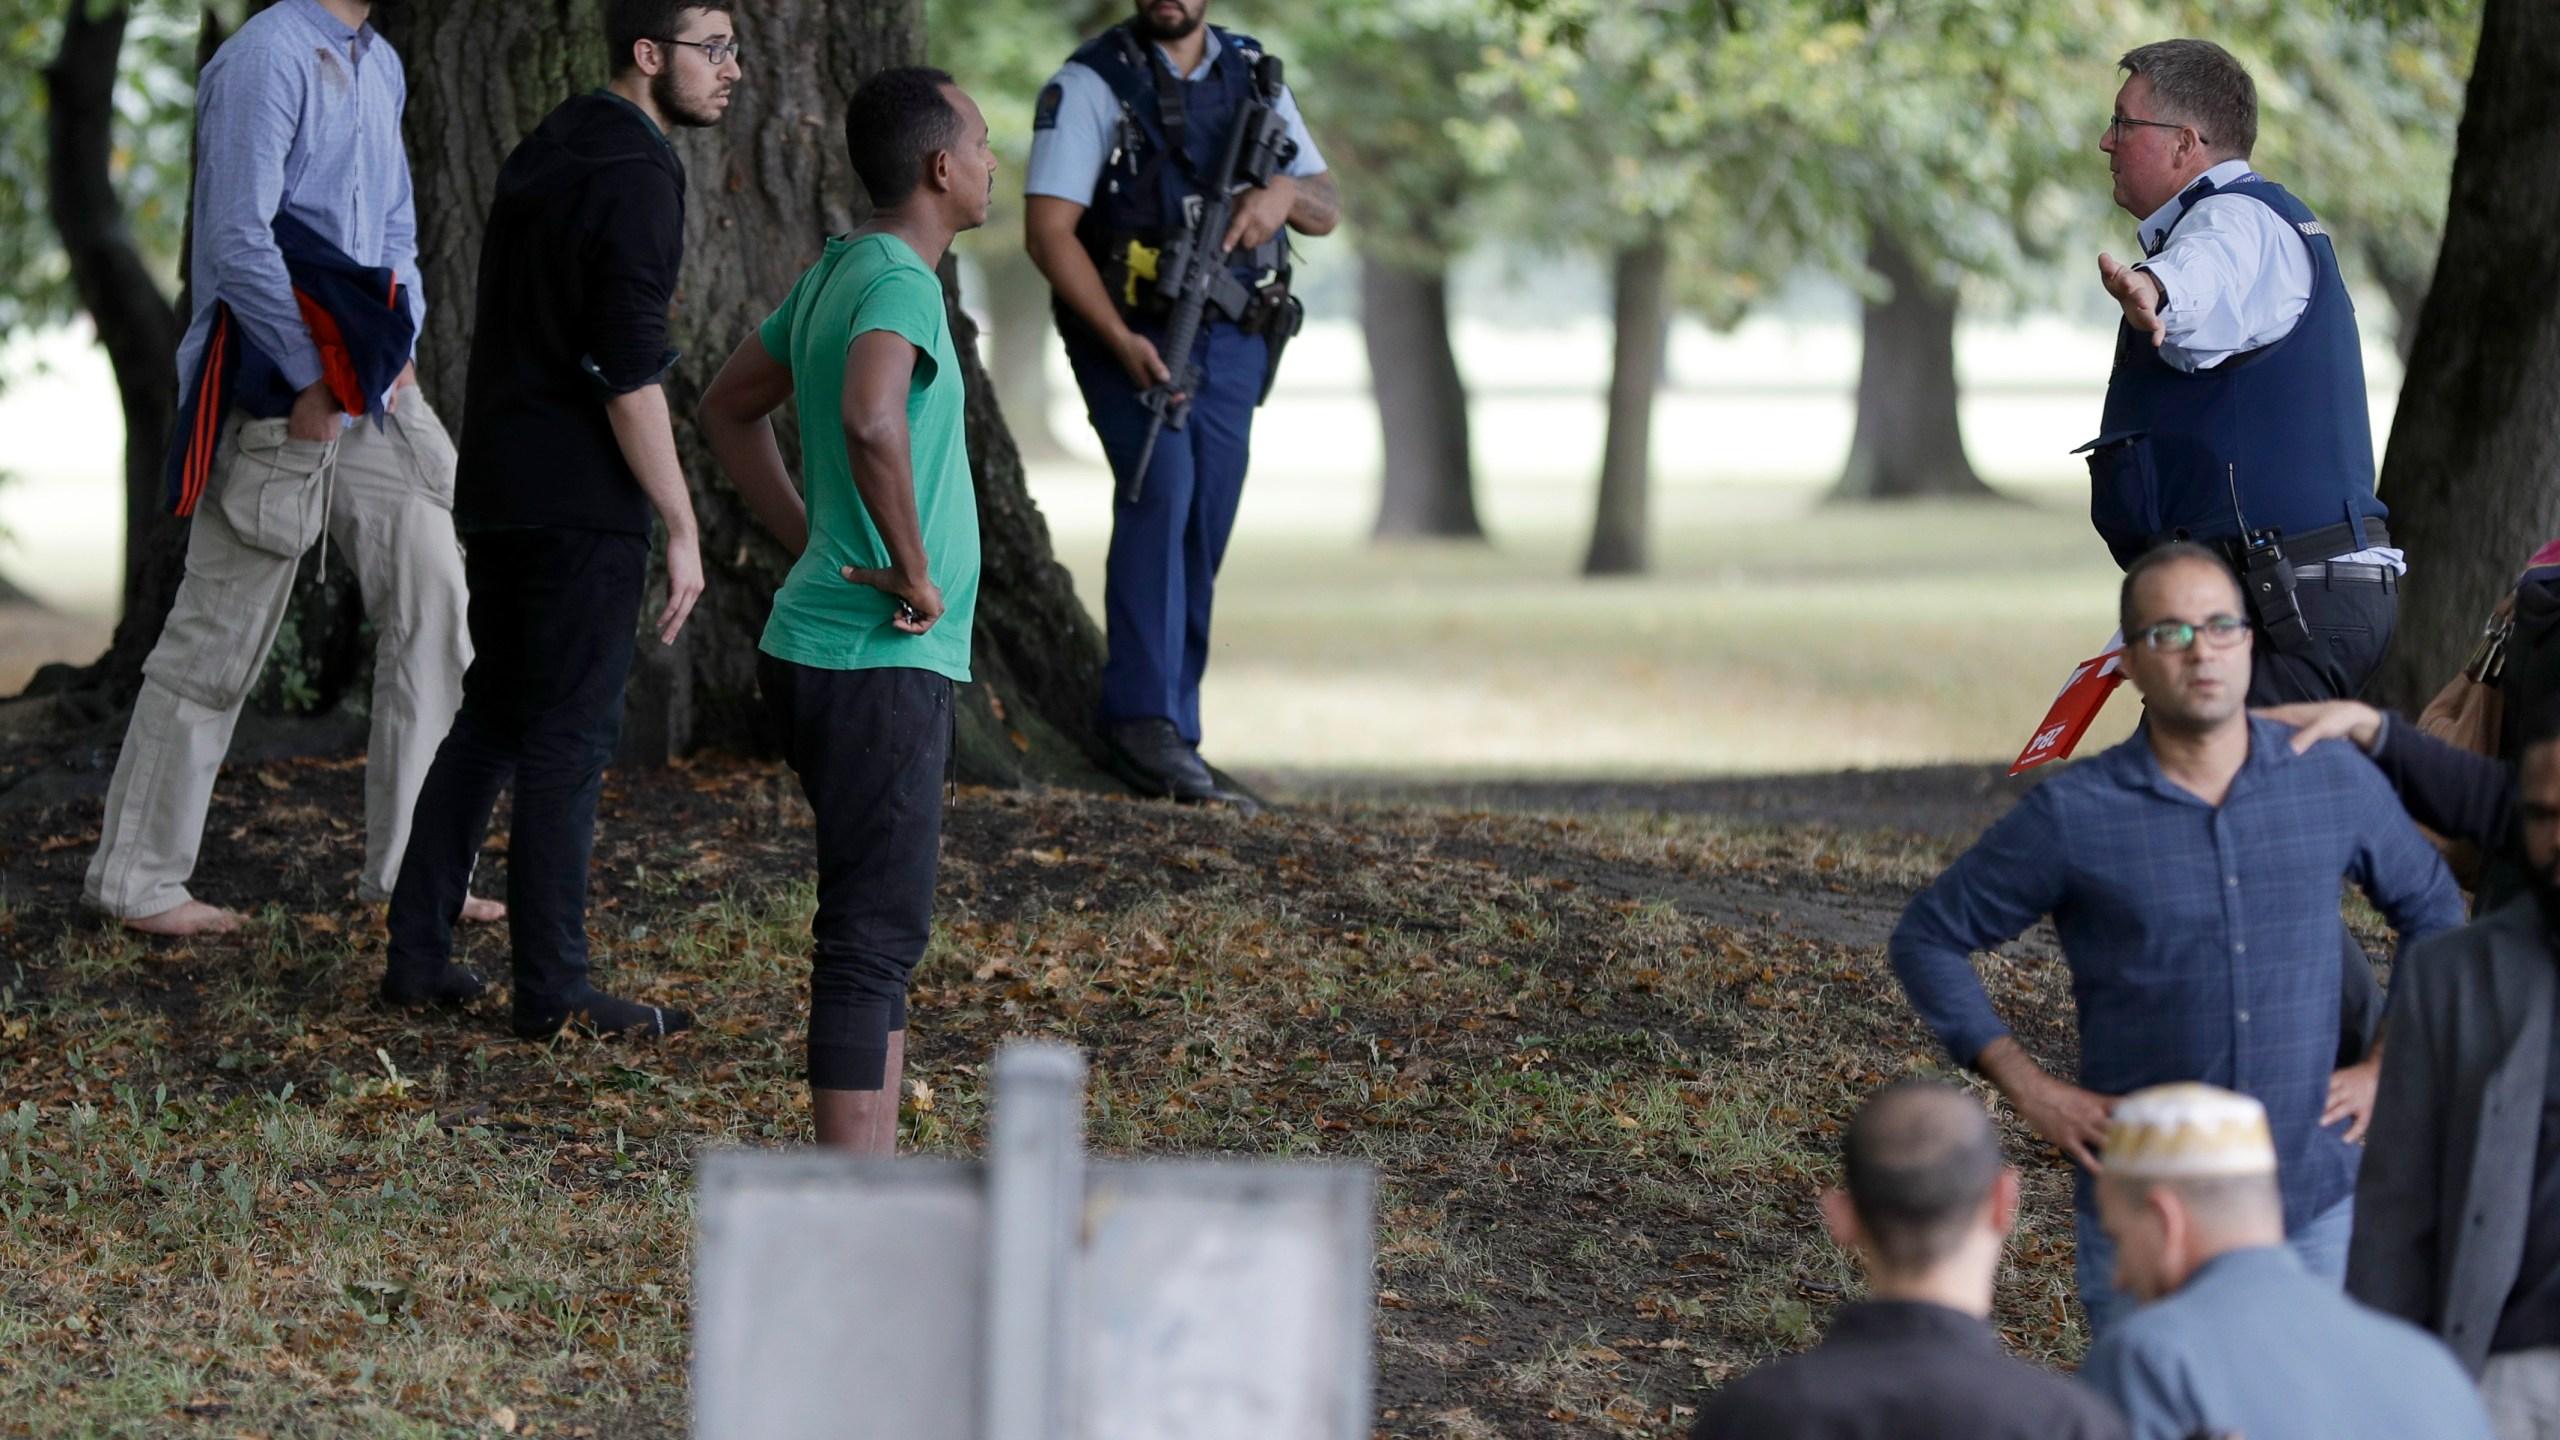 APTOPIX_New_Zealand_Mosque_Shooting_23429-159532.jpg36619612